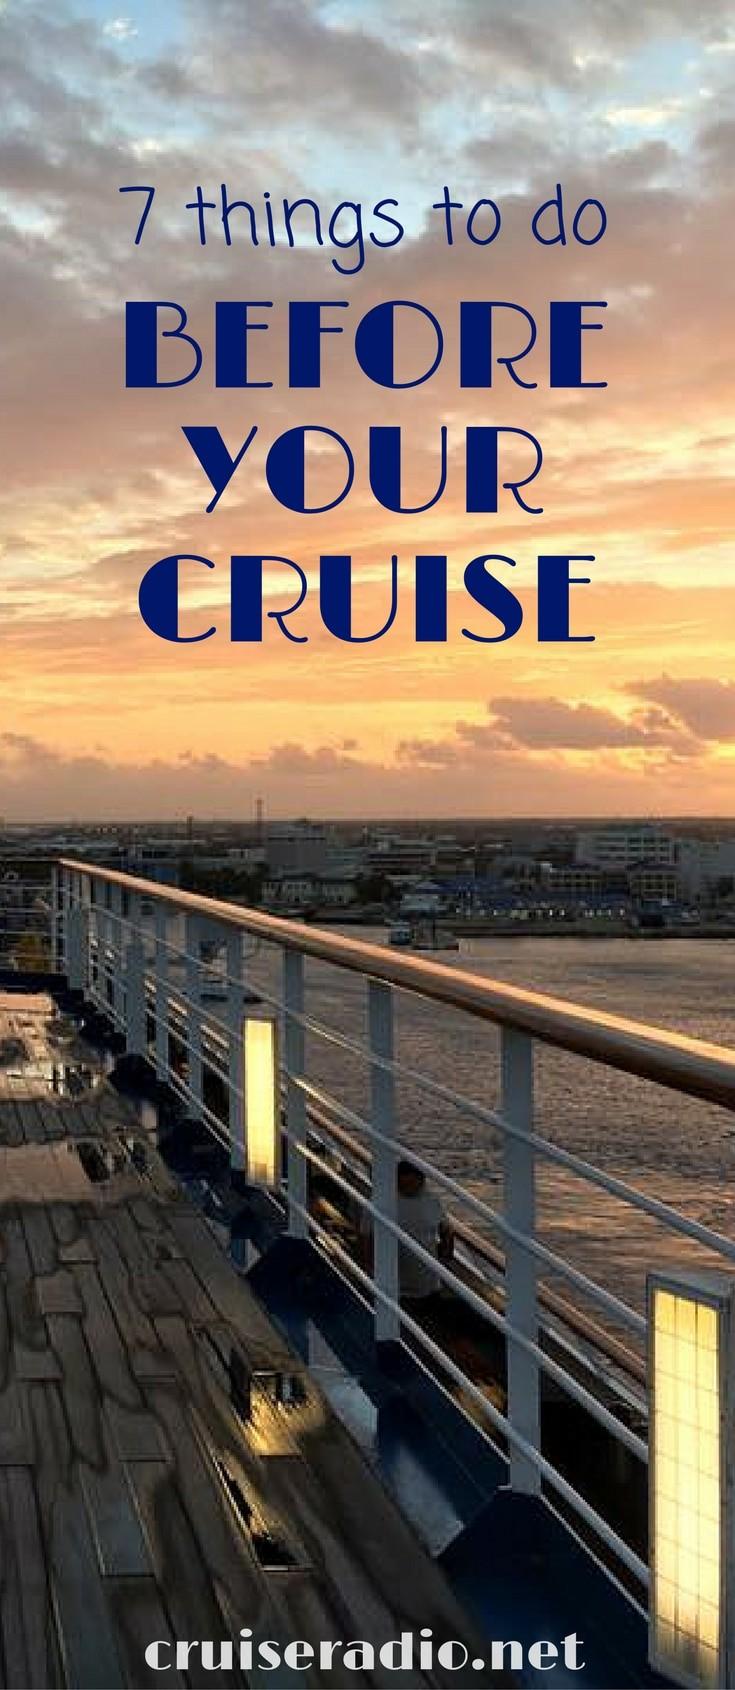 #cruise #traveltips #cruisetips #cruising #vacation #wander #voyage #ship